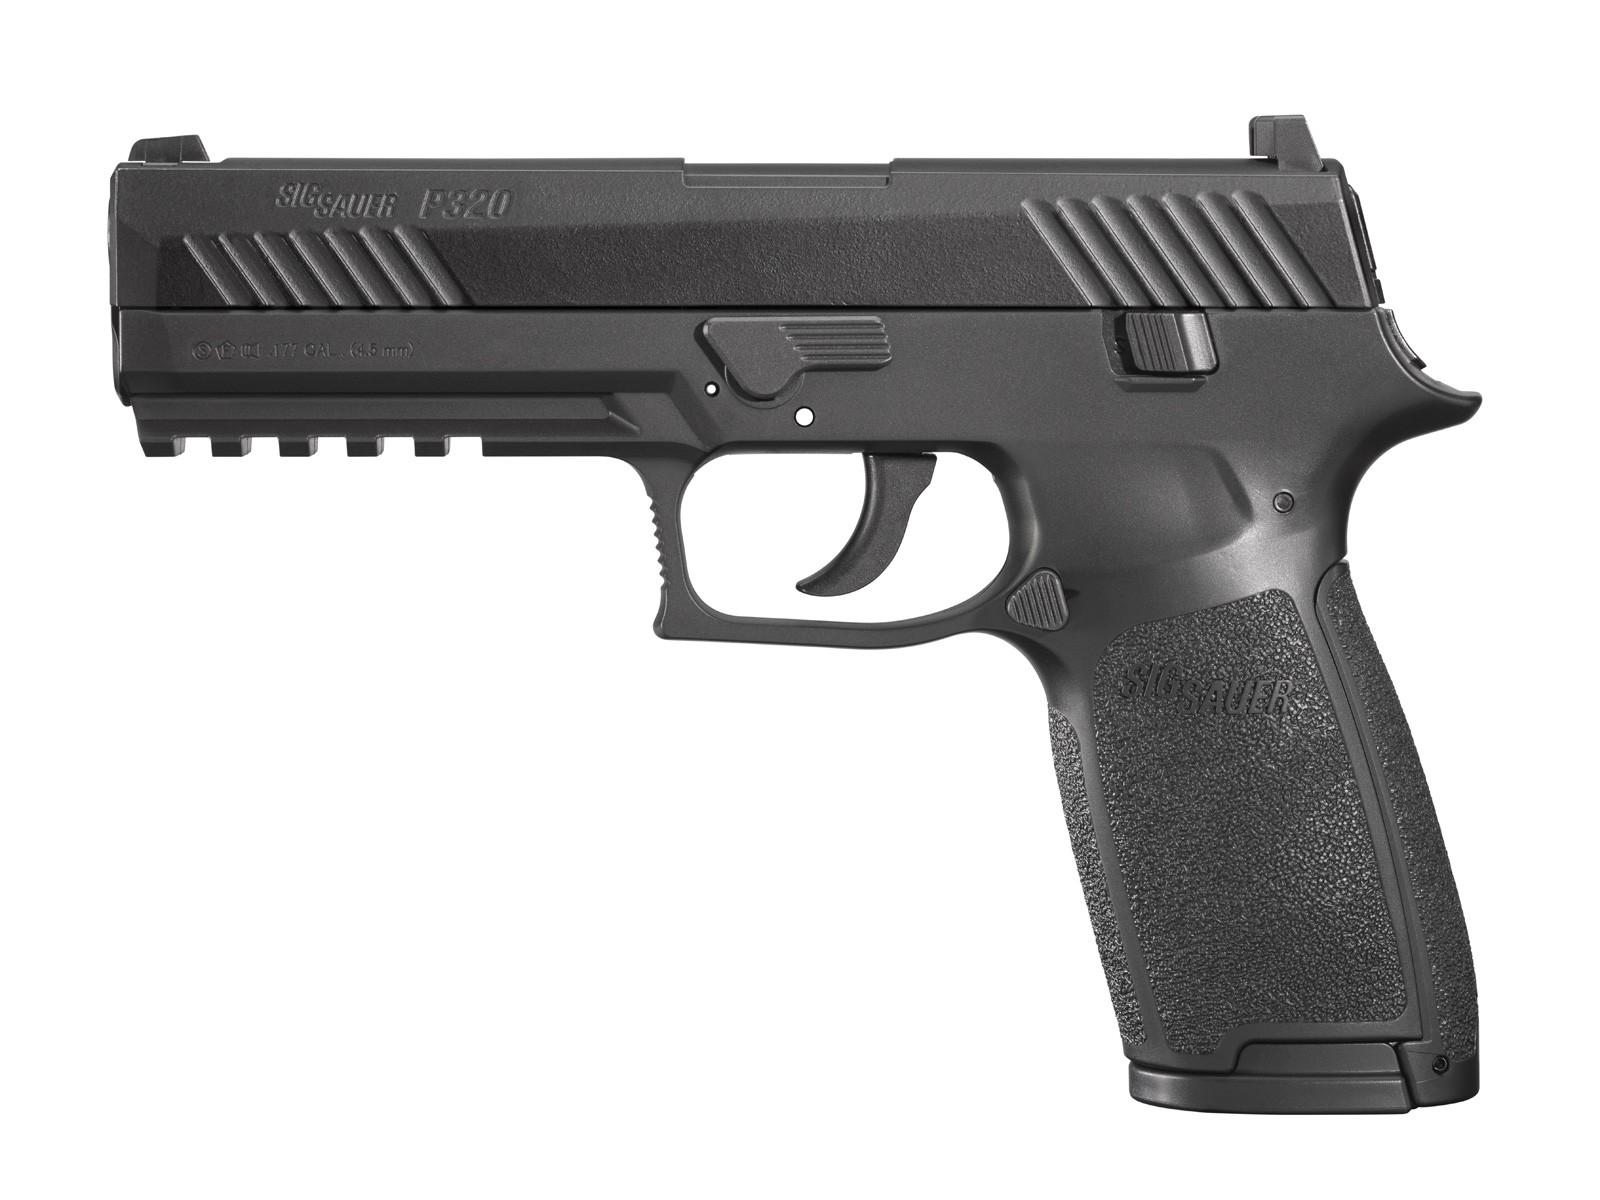 SIG Sauer P320 CO2 Pistol, Metal Slide, Black